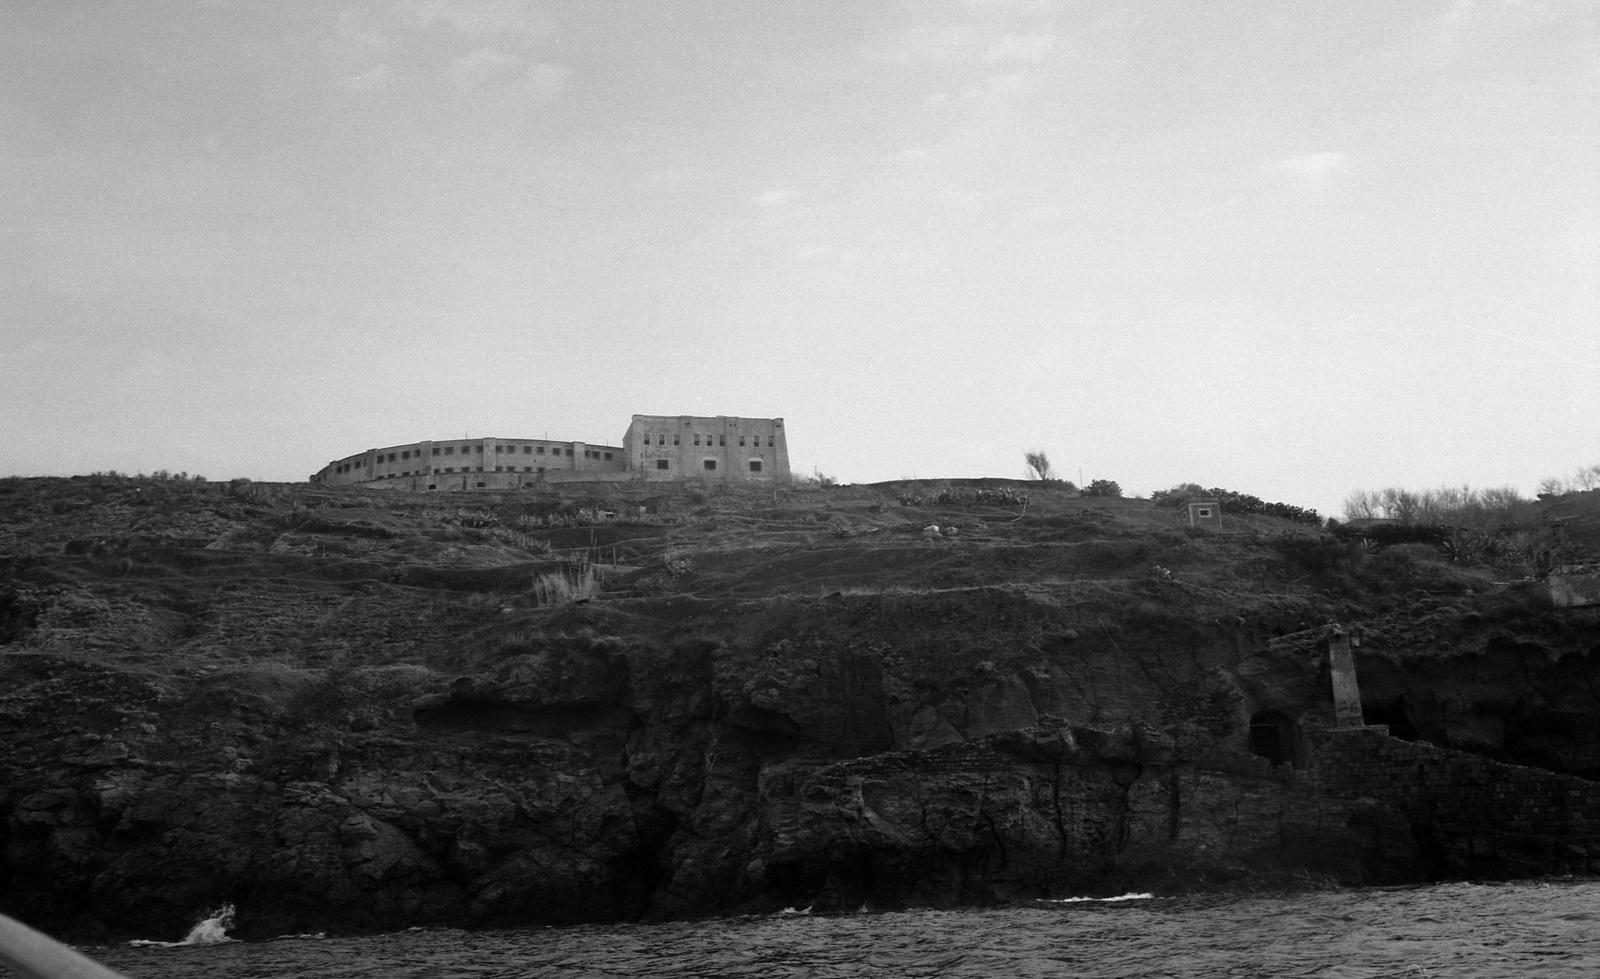 Carcere di Santo Stefano  - 1979